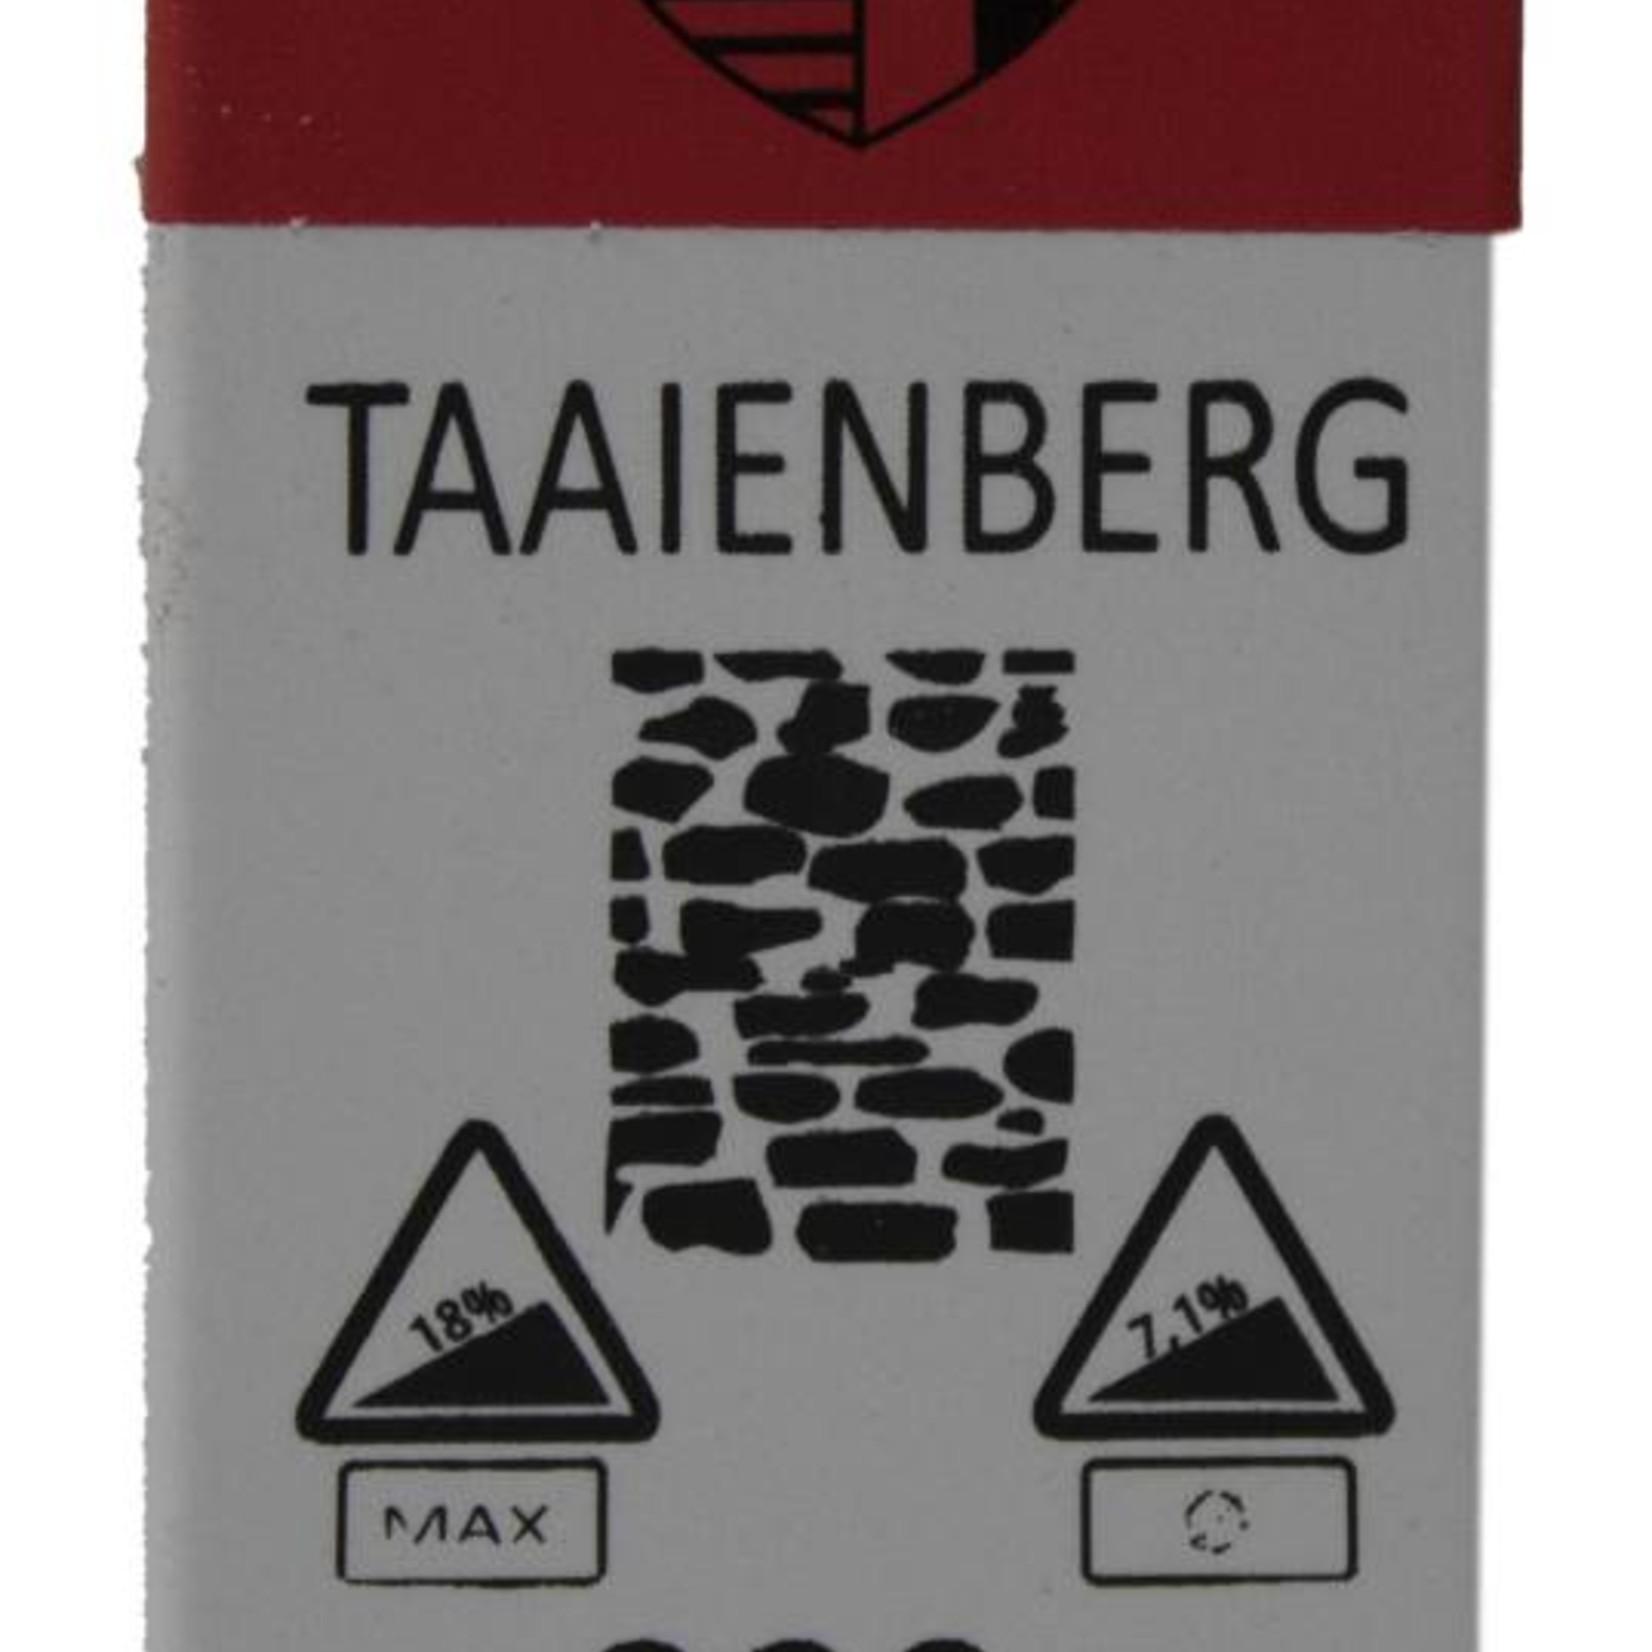 Kilometerpaal Taaienberg